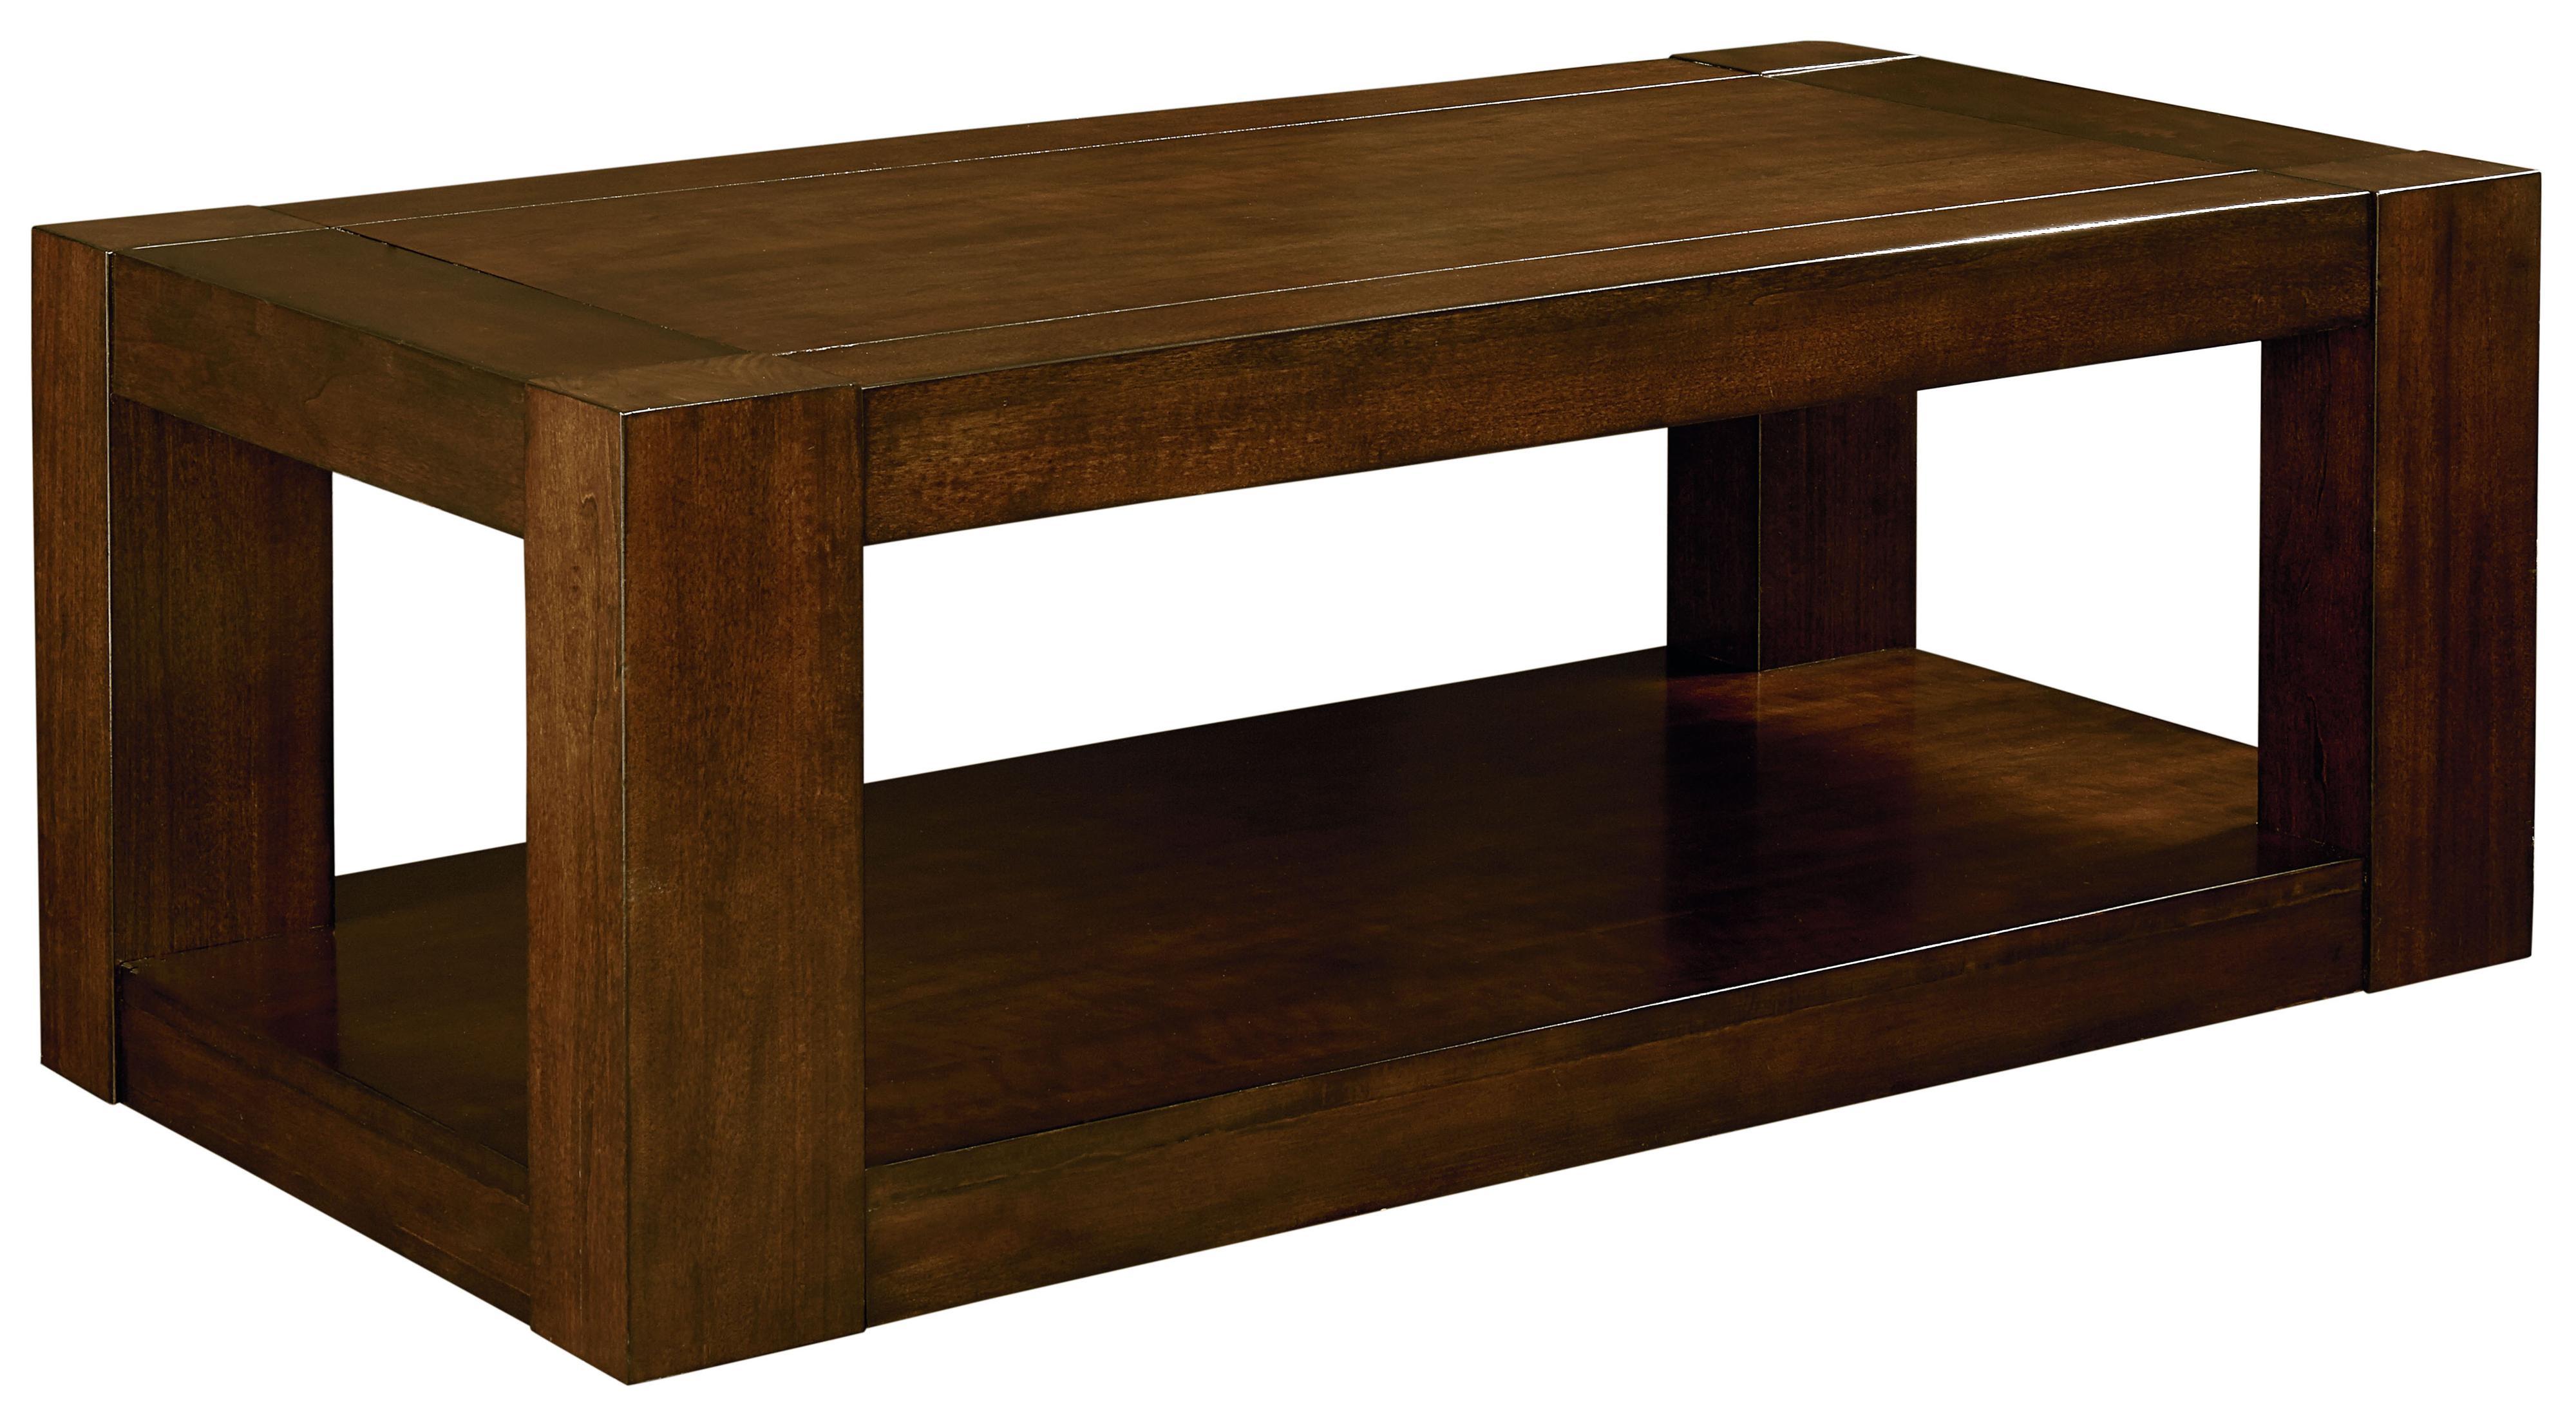 Standard Furniture Franklin Cocktail Table - Item Number: 29361